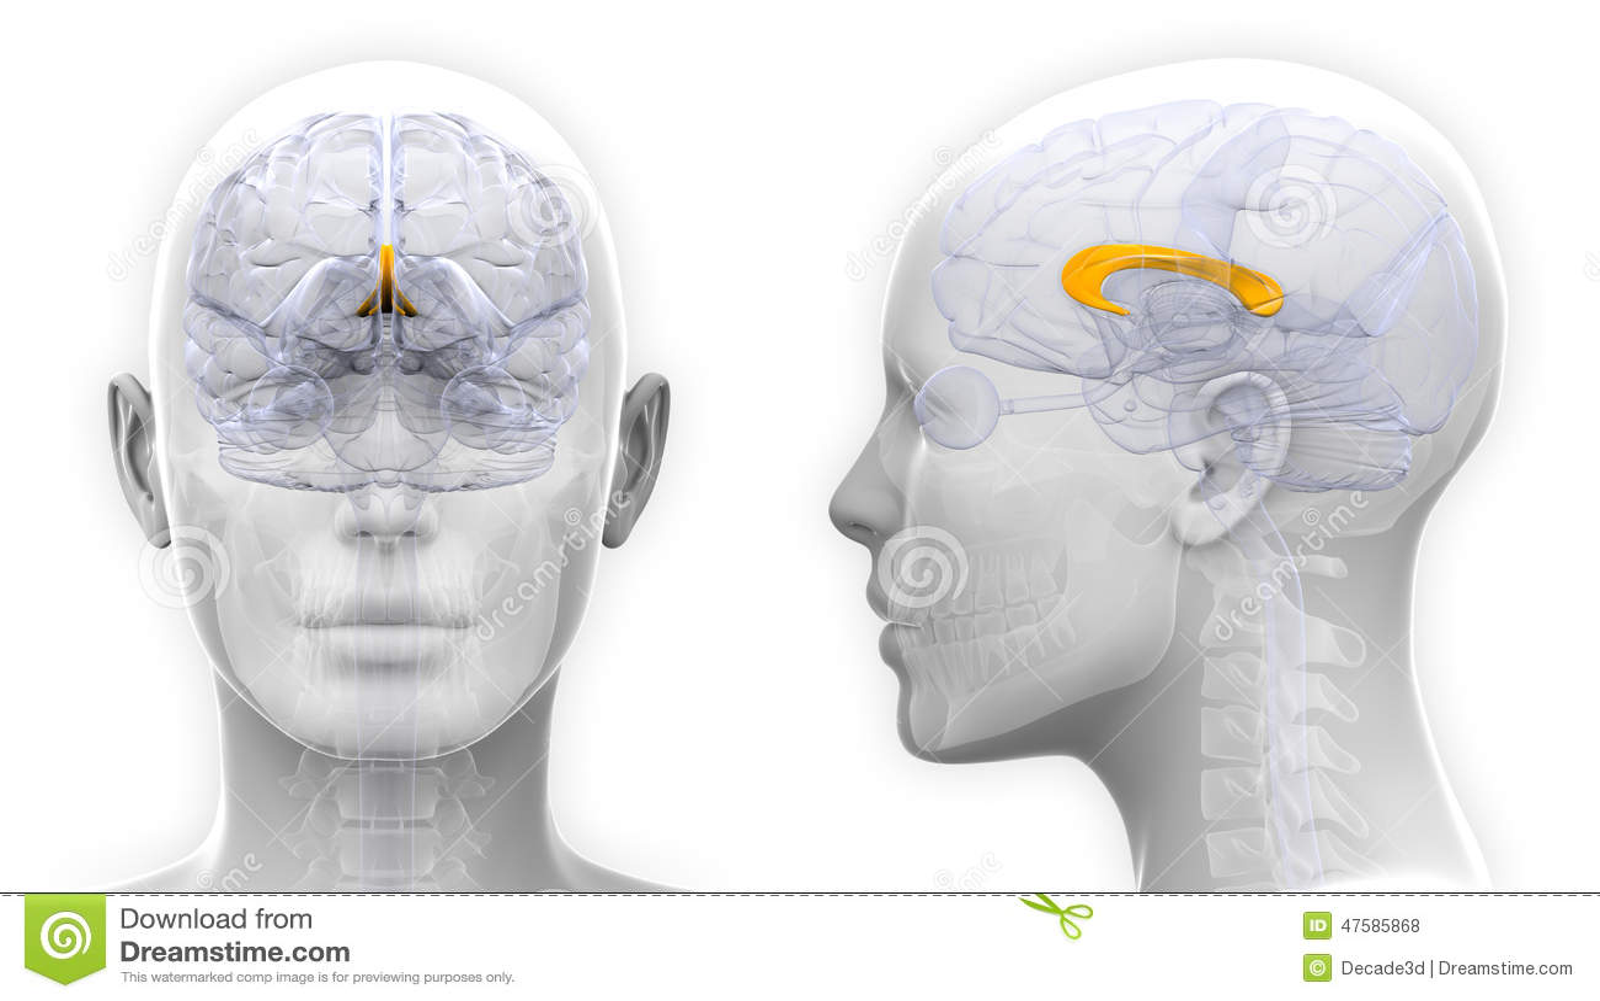 Female Corpus Callosum Brain Anatomy Isolated On White Stock